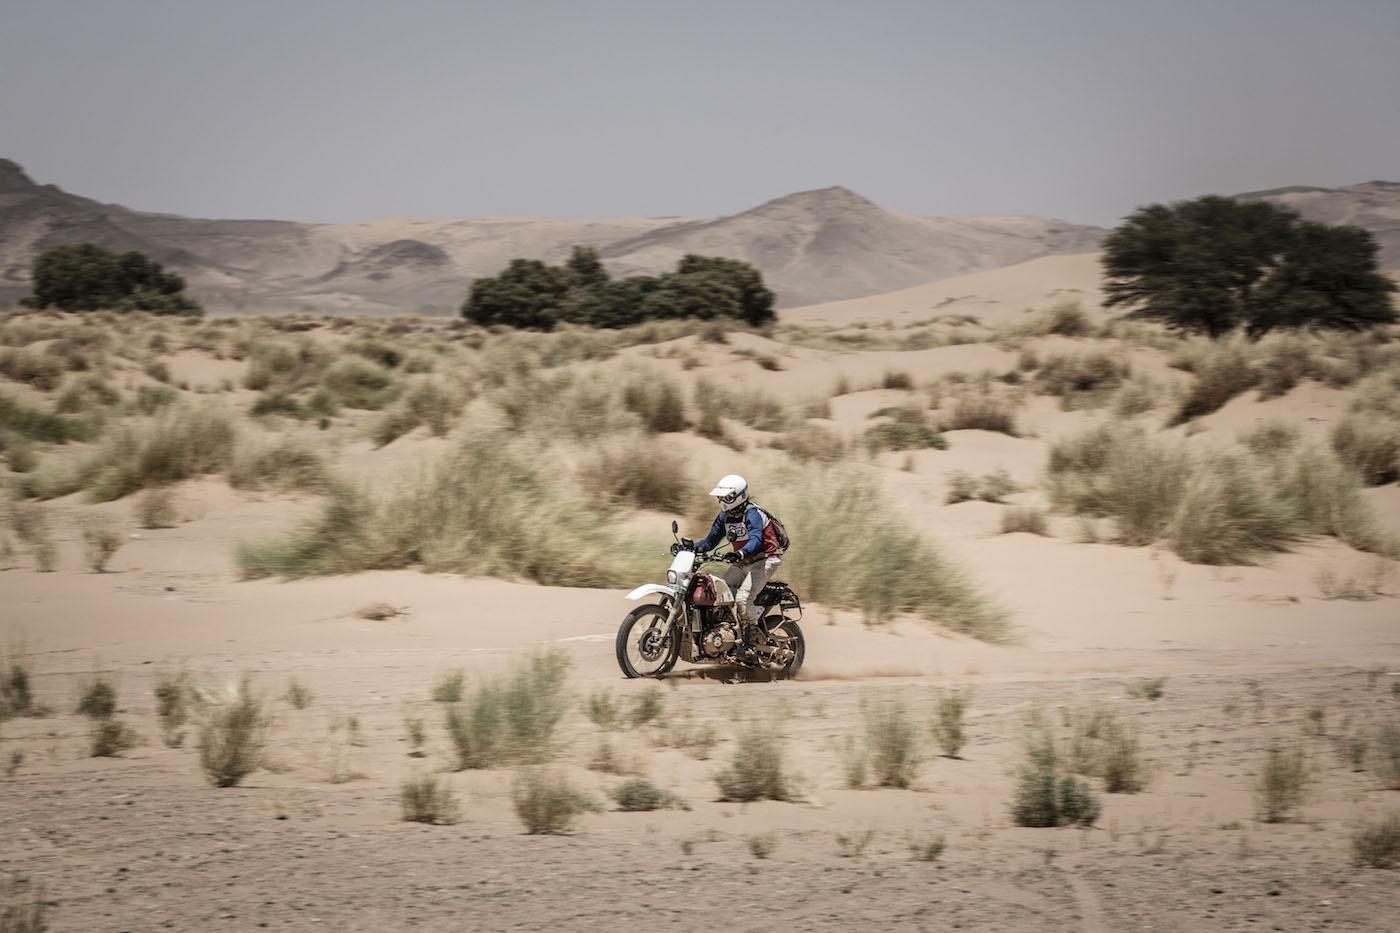 ROYAL ENFIELD HIMALAYAN 'RALLY 400' SCRAM AFRICA Grass Dunes